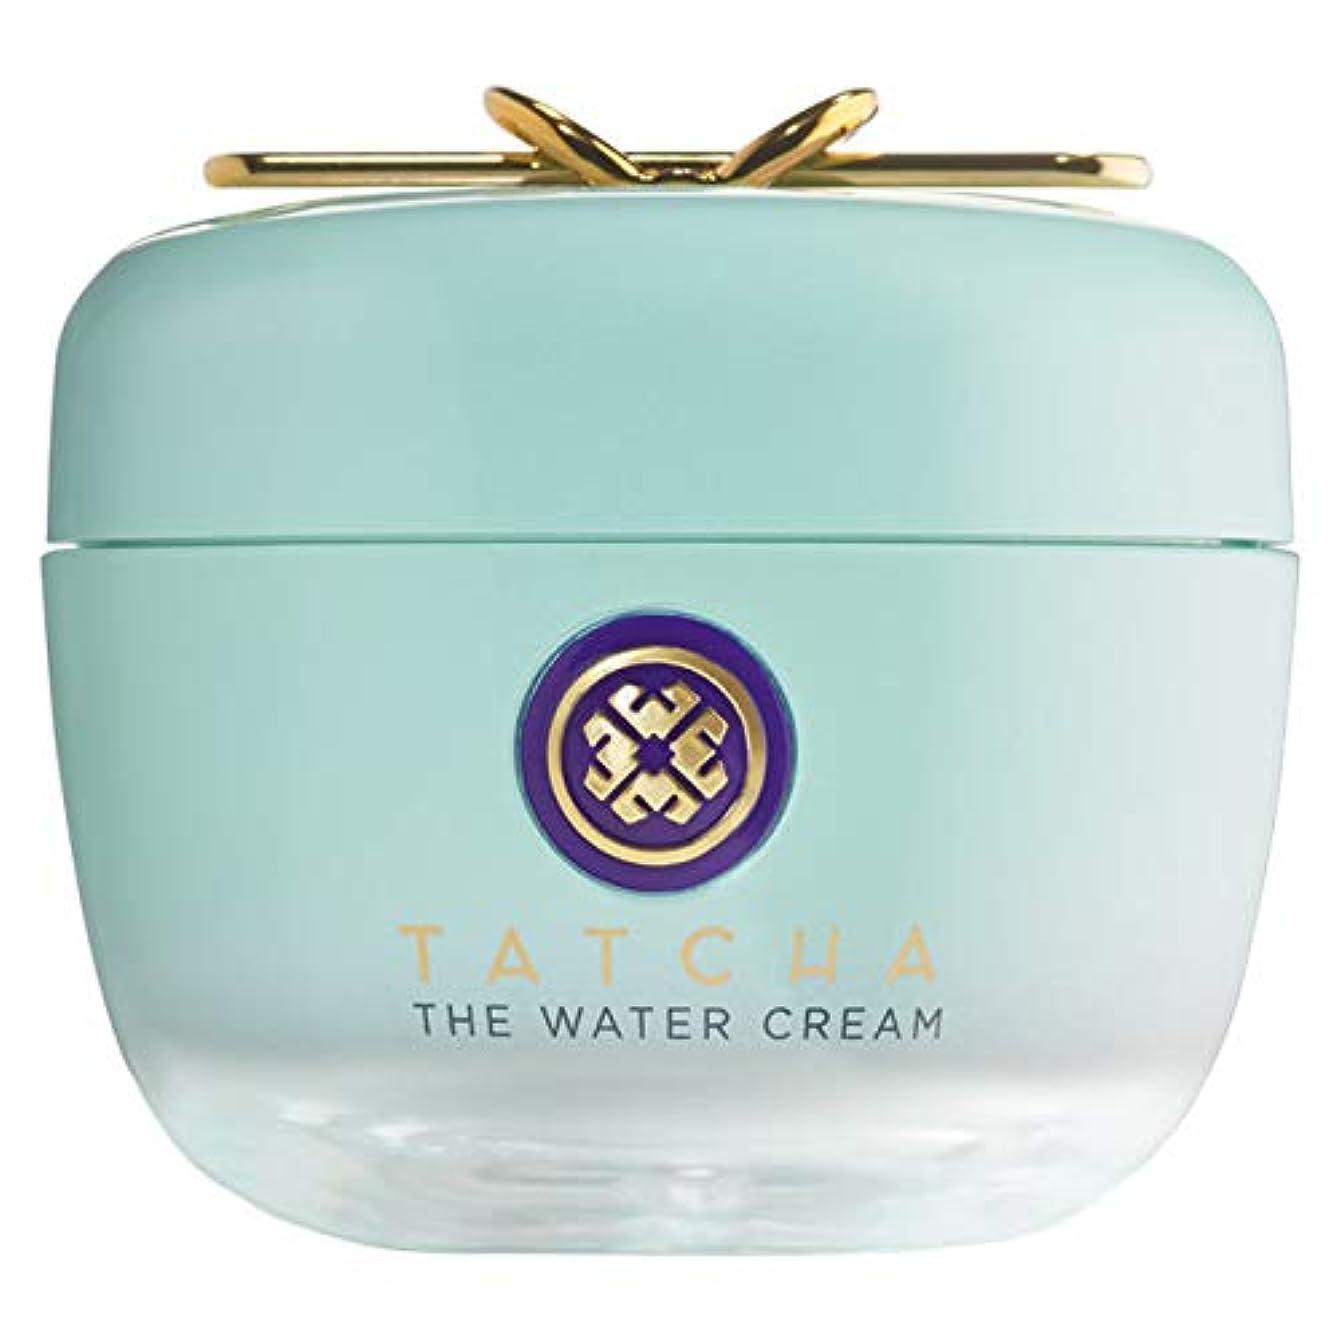 定期的な参照理想的TATCHA The Water Cream 50ml タチャ ウォータークリーム